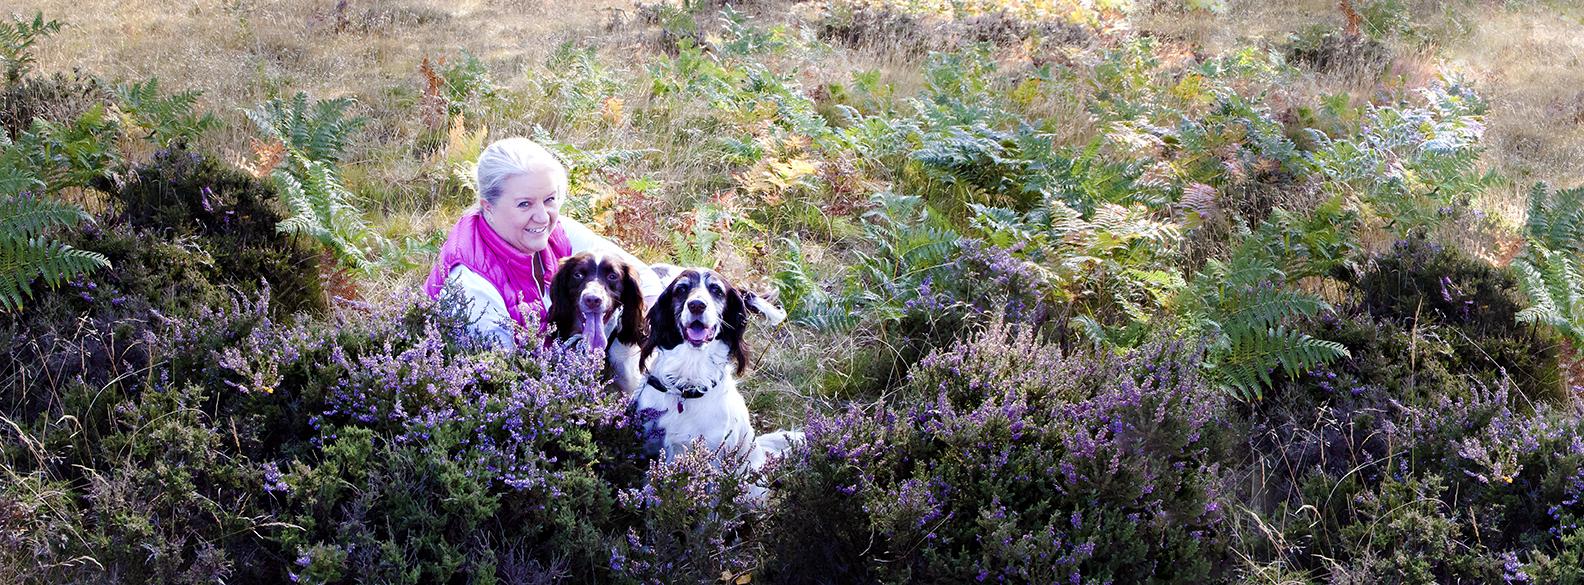 Milton-keynes dogs on the heath